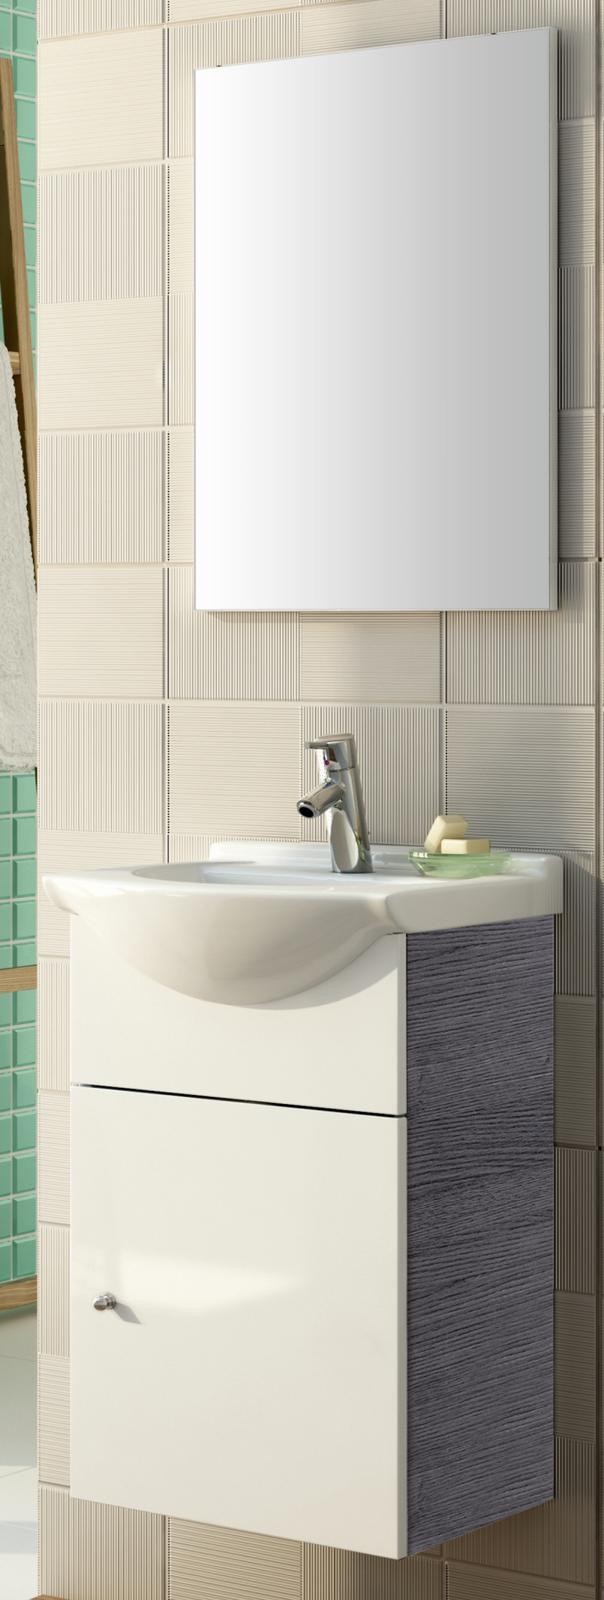 waschtisch 46 cm spiegel vormontiert gast wc g ste bad. Black Bedroom Furniture Sets. Home Design Ideas